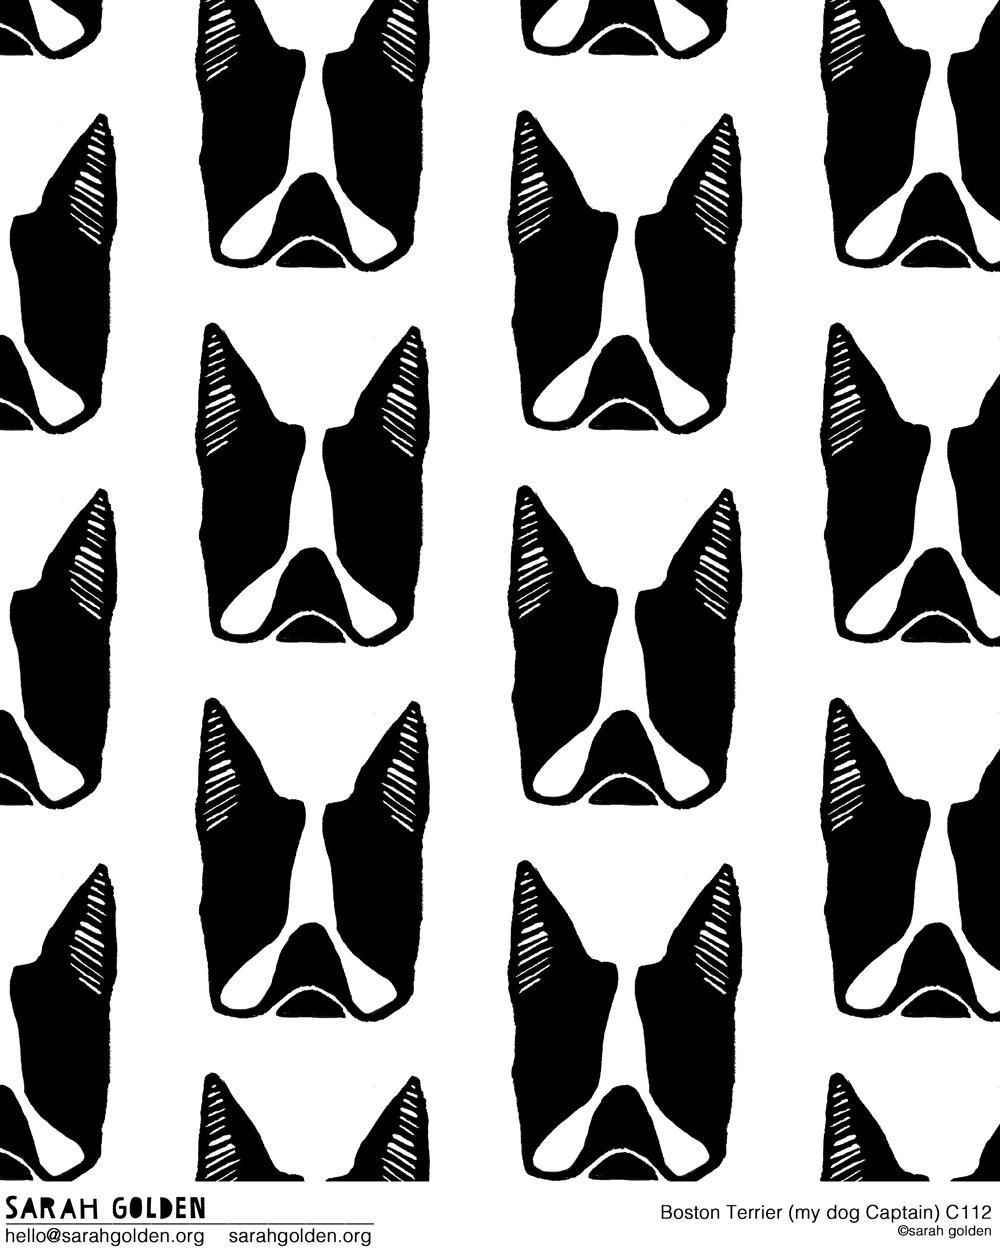 C112_Boston_Terrier_Catalog_Sarah_Golden_logo_web.jpg